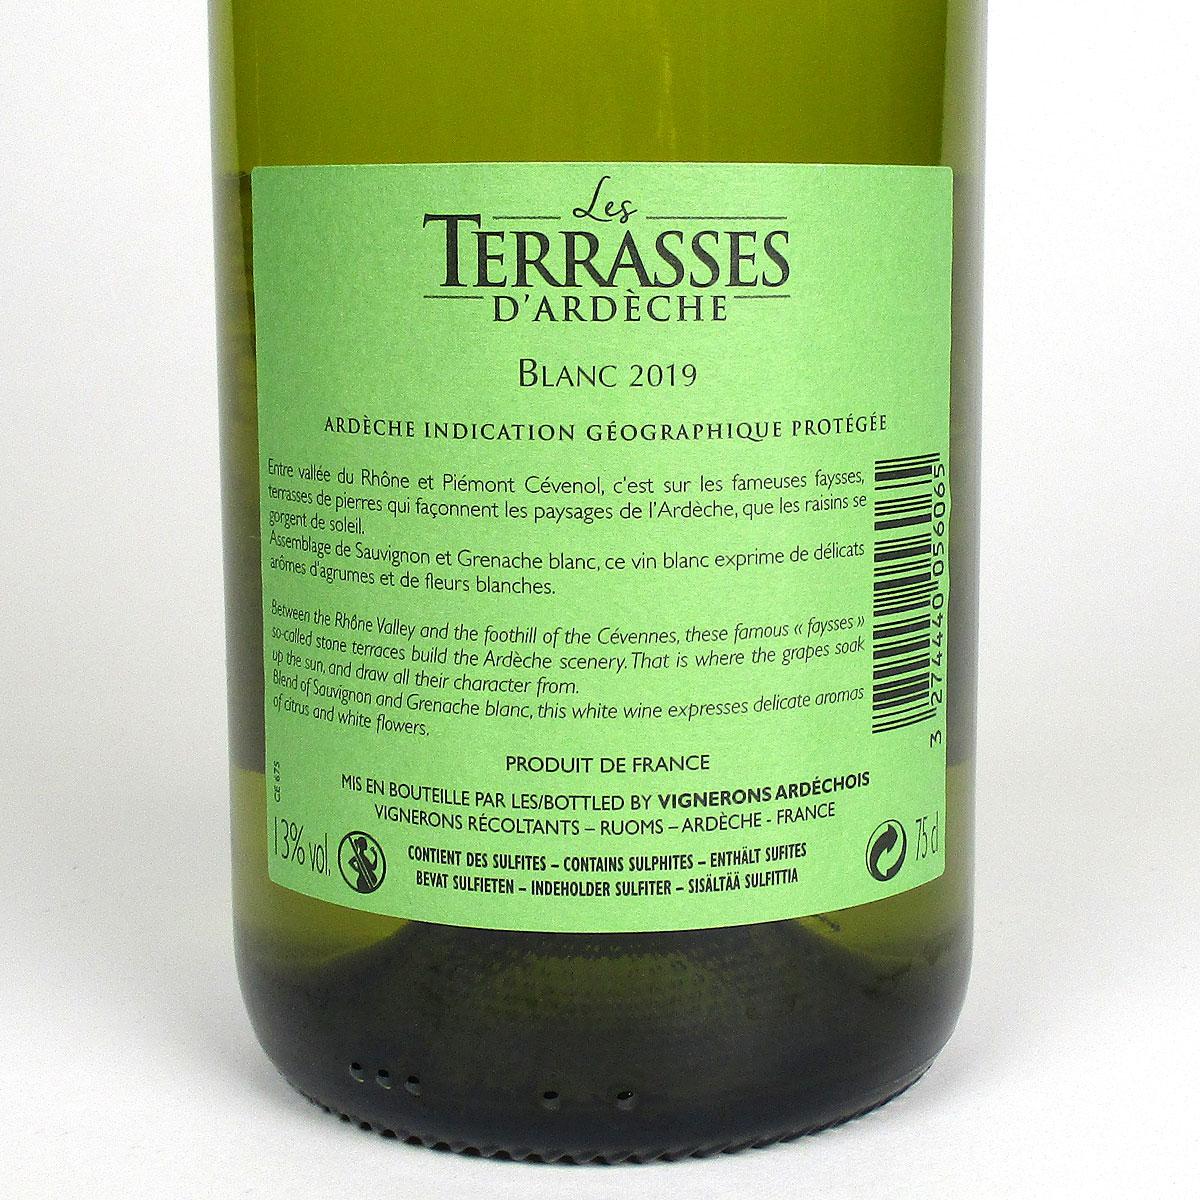 Coteaux de l'Ardèche: 'Les Terrasses' Blanc 2019 - Bottle Rear Label